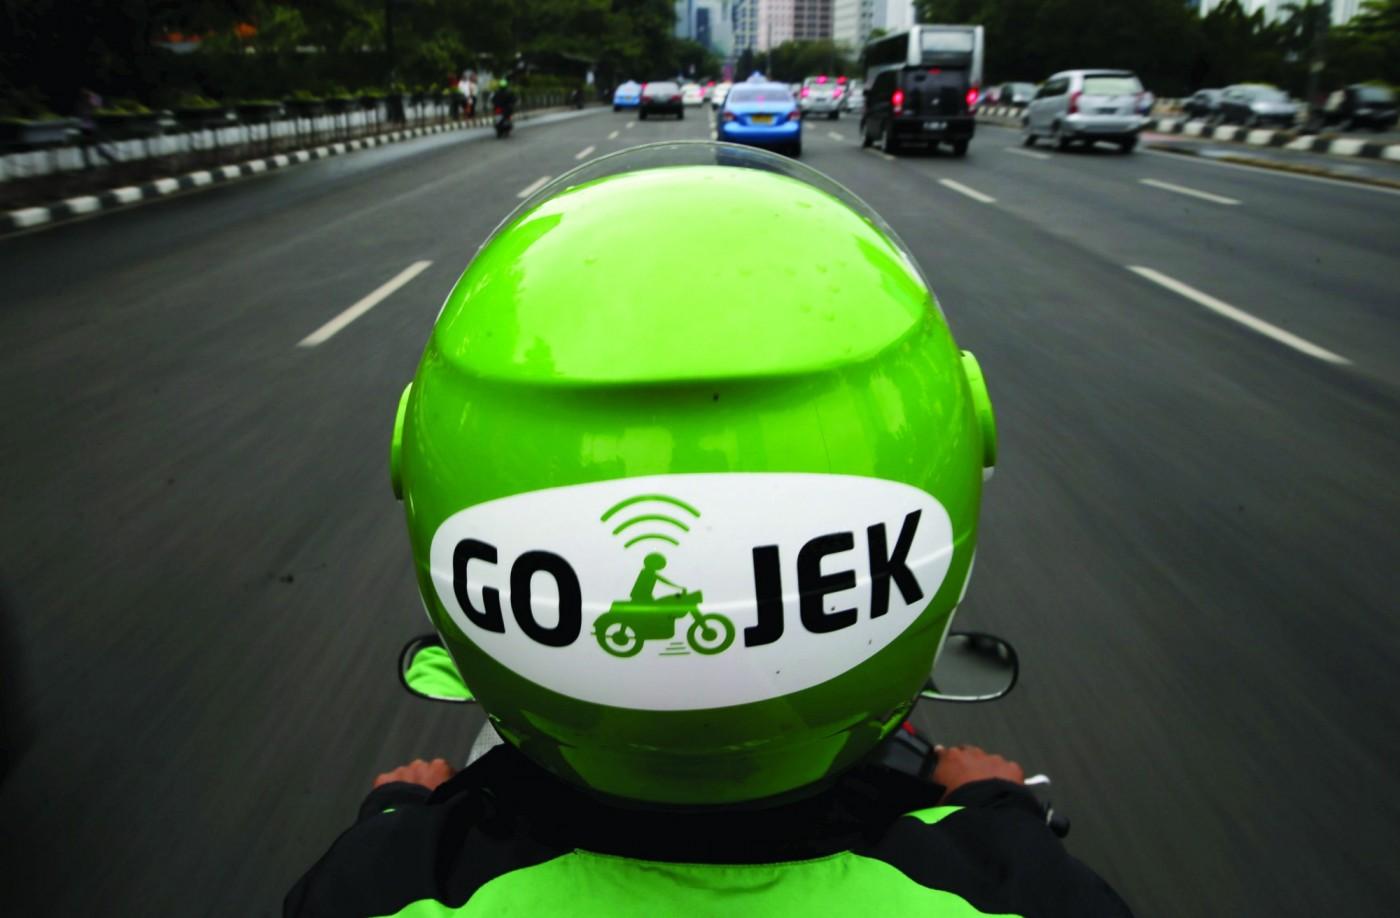 印尼本土叫車服務龍頭Go-Jek,宣布進軍東南亞4國家、搶Uber留下的市場